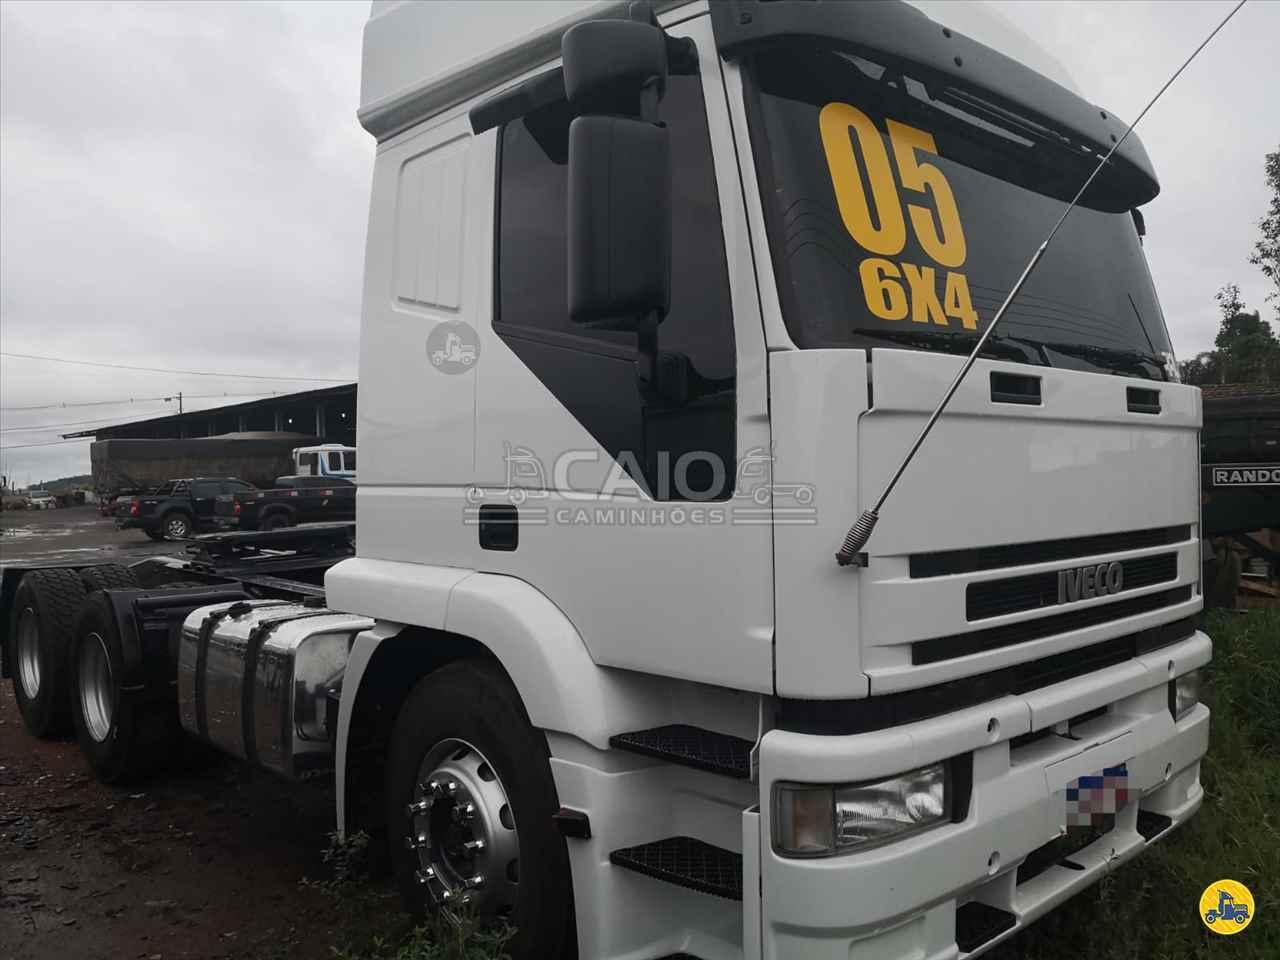 EUROTECH 740E42 de Caio Caminhões - SAO JOSE DOS PINHAIS/PR